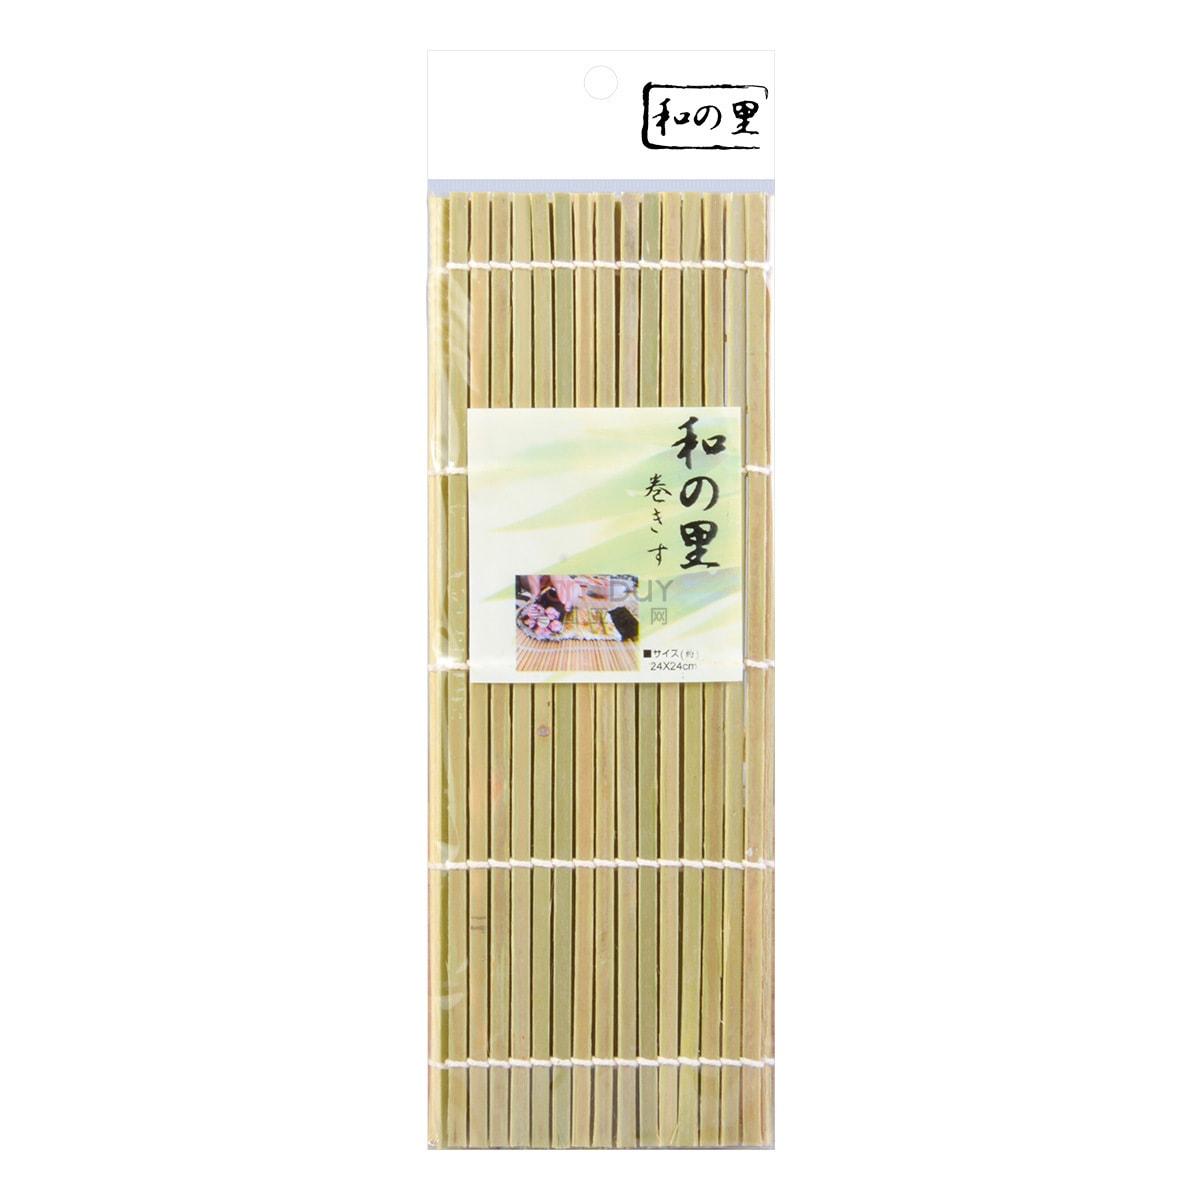 天然竹寿司卷/寿司帘 24cm